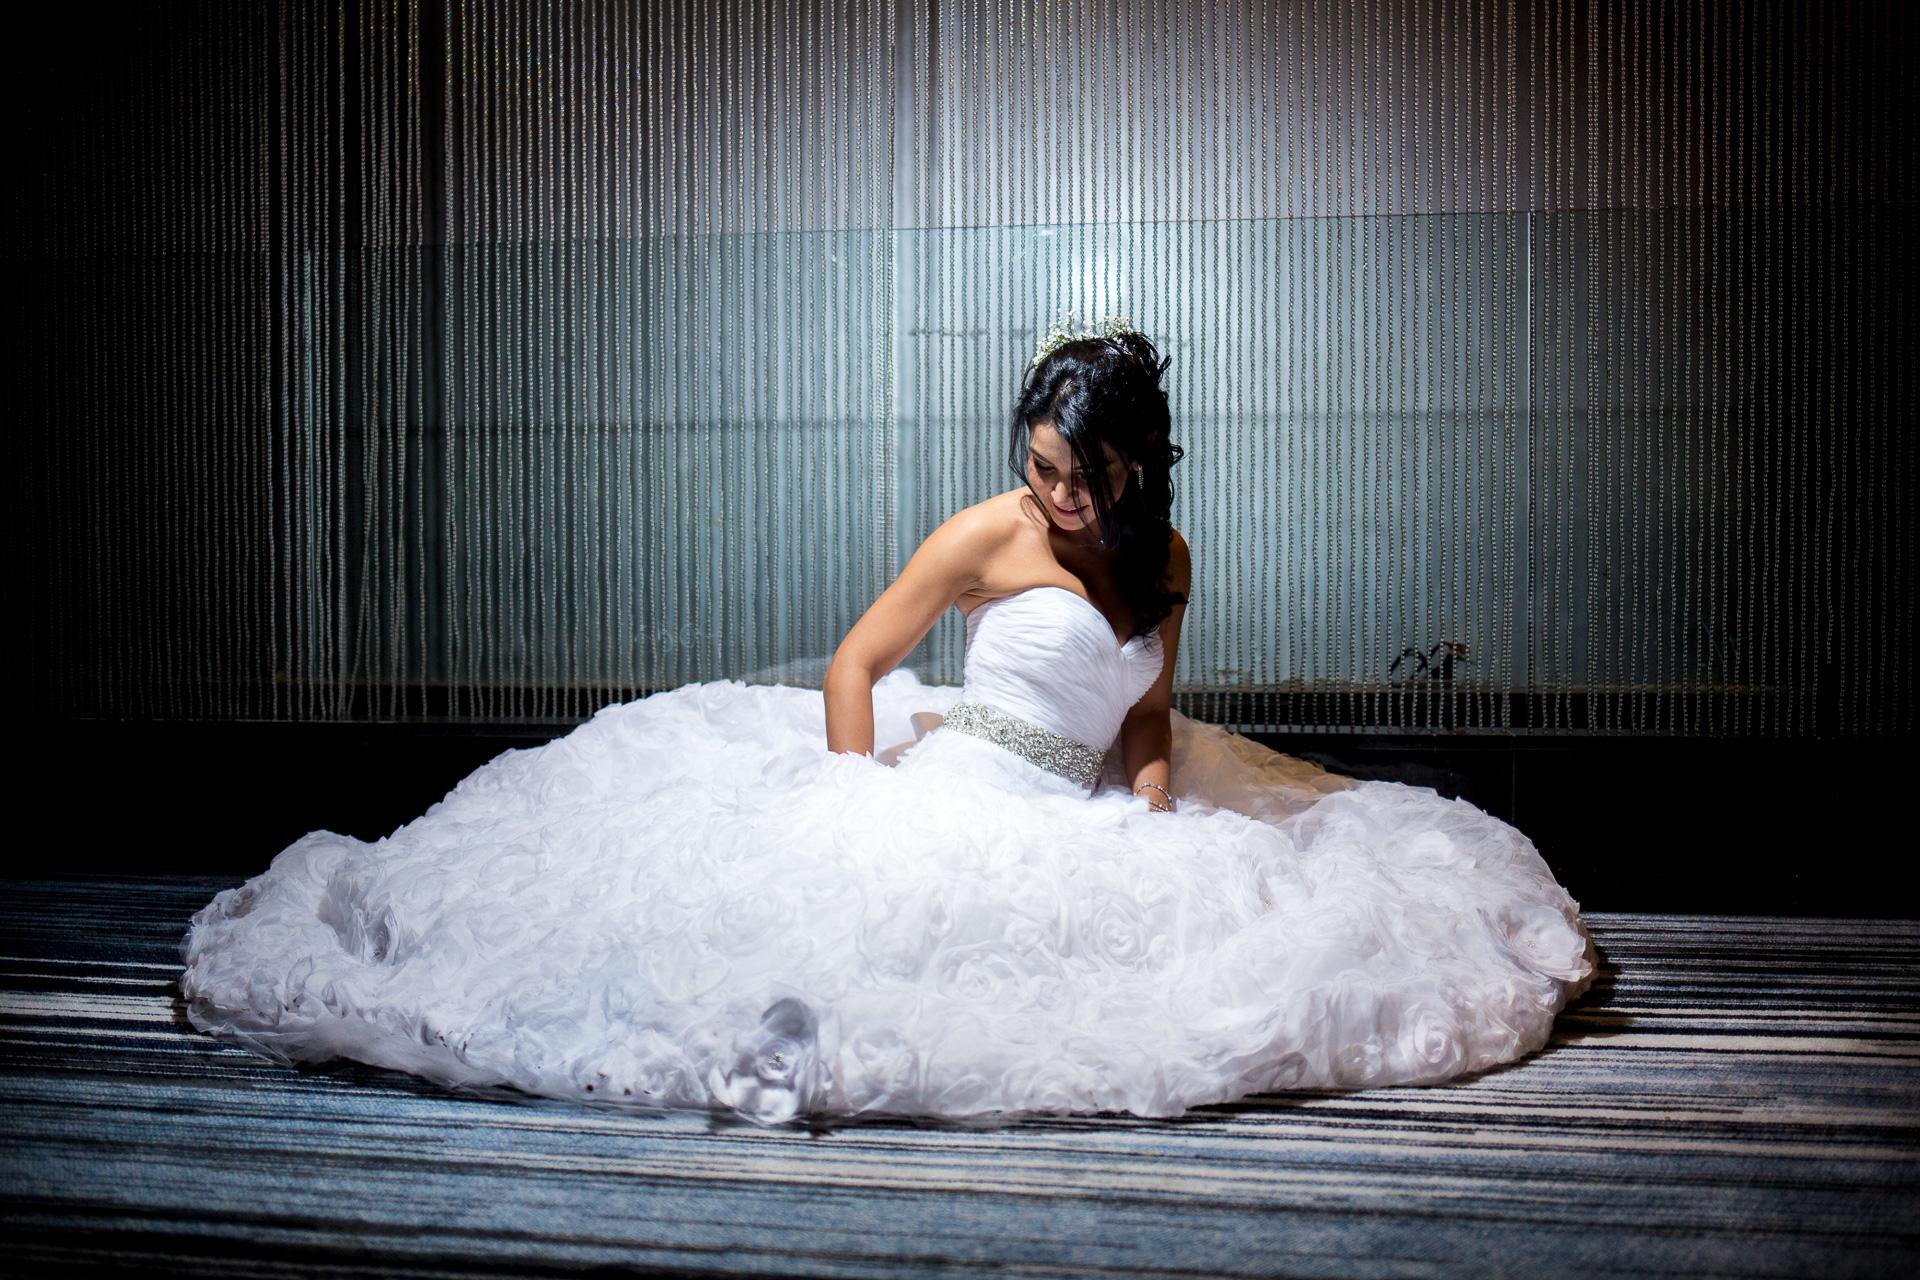 Fotógrafos-de-bodas-en-Colombia-Andrea-y-Antonio-49 ANDREA + ANTONIO